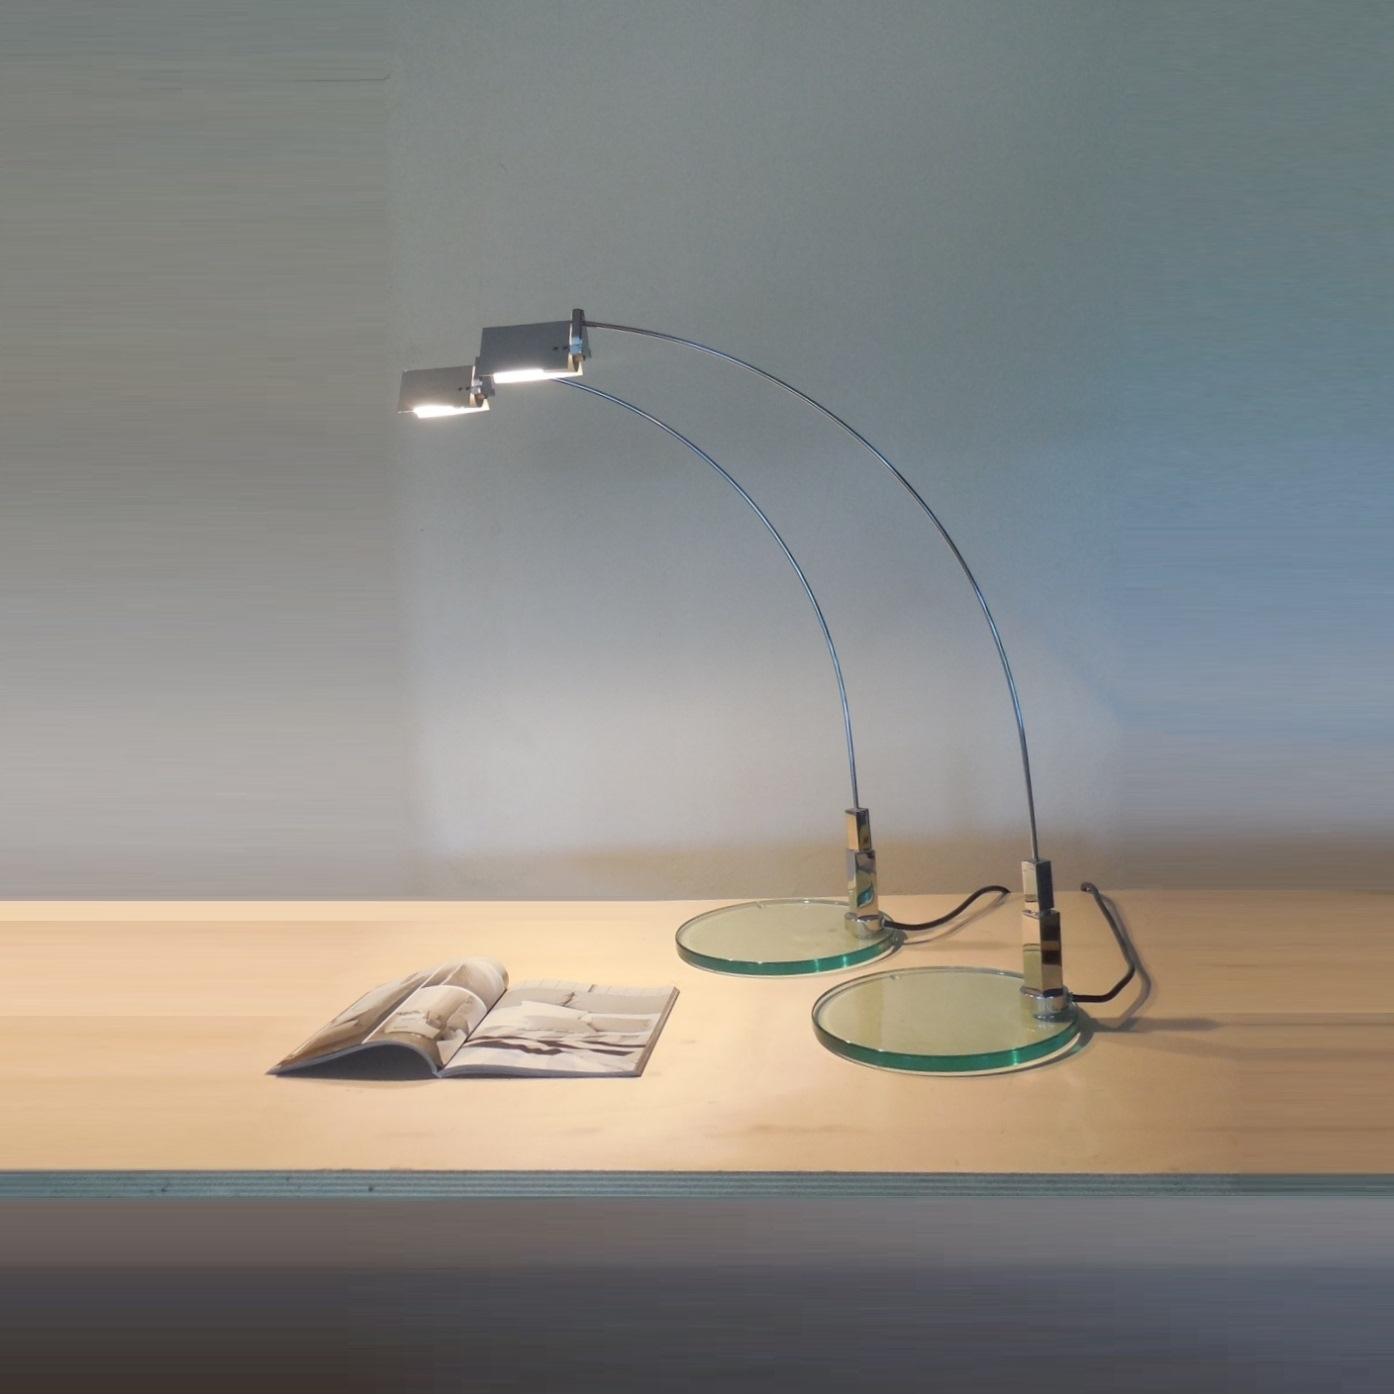 Illuminazione fontana arte outlet fontana arte lampada falena metallo lampade da tavolo - Lampade da tavolo fontana arte ...